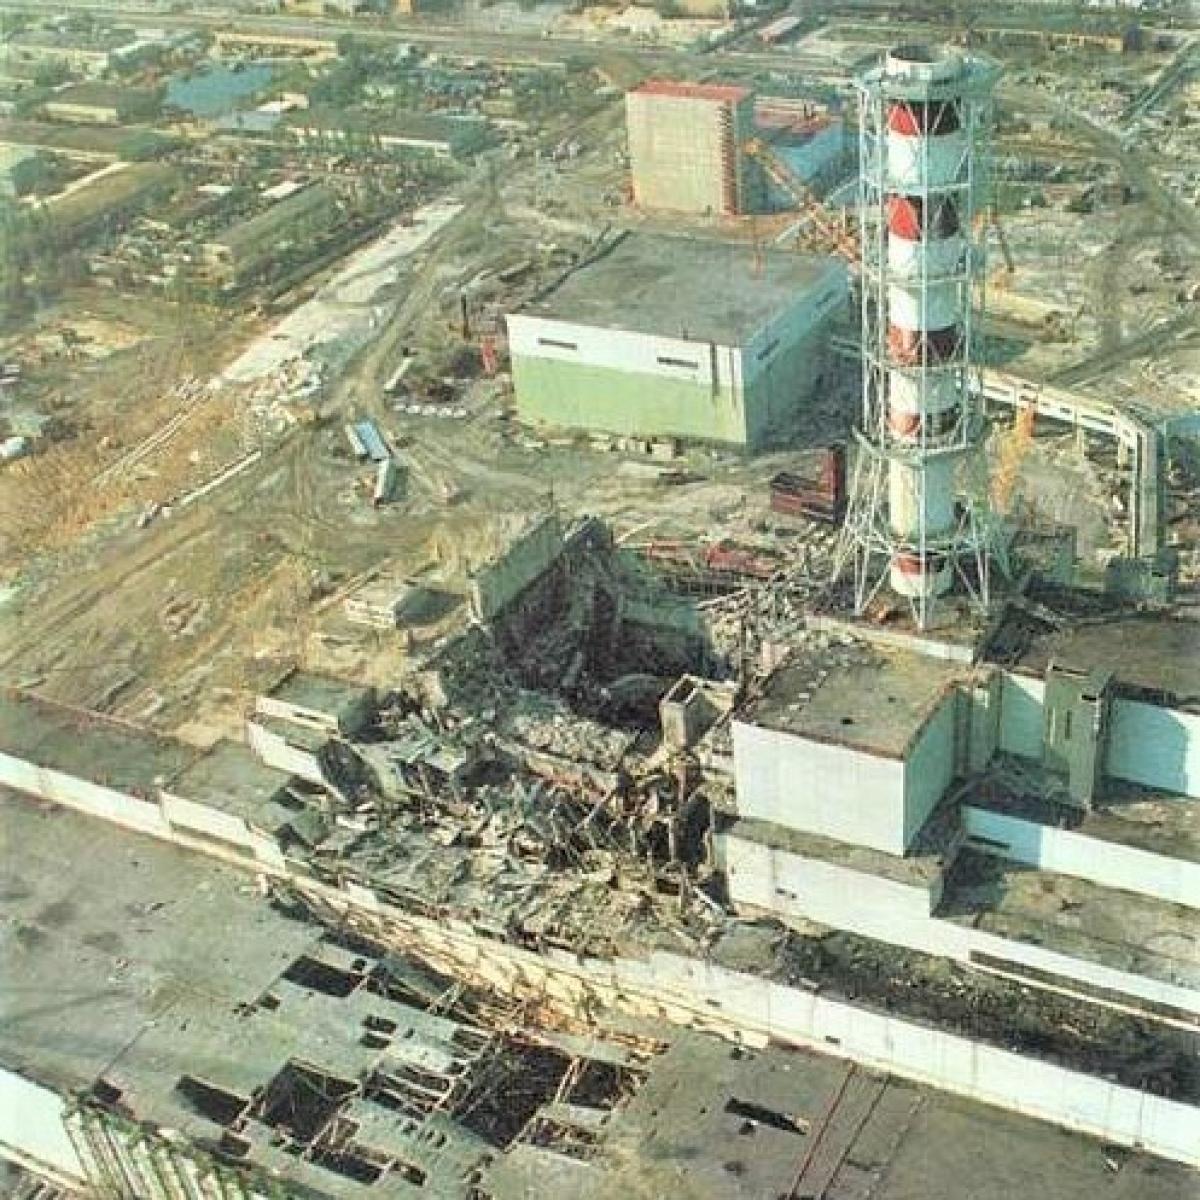 """Vụ nổ giống như một """"quả bom bẩn"""" rất mạnh - tác nhân gây thiệt hại chính là ô nhiễm phóng xạ. Ảnh: Russian7"""